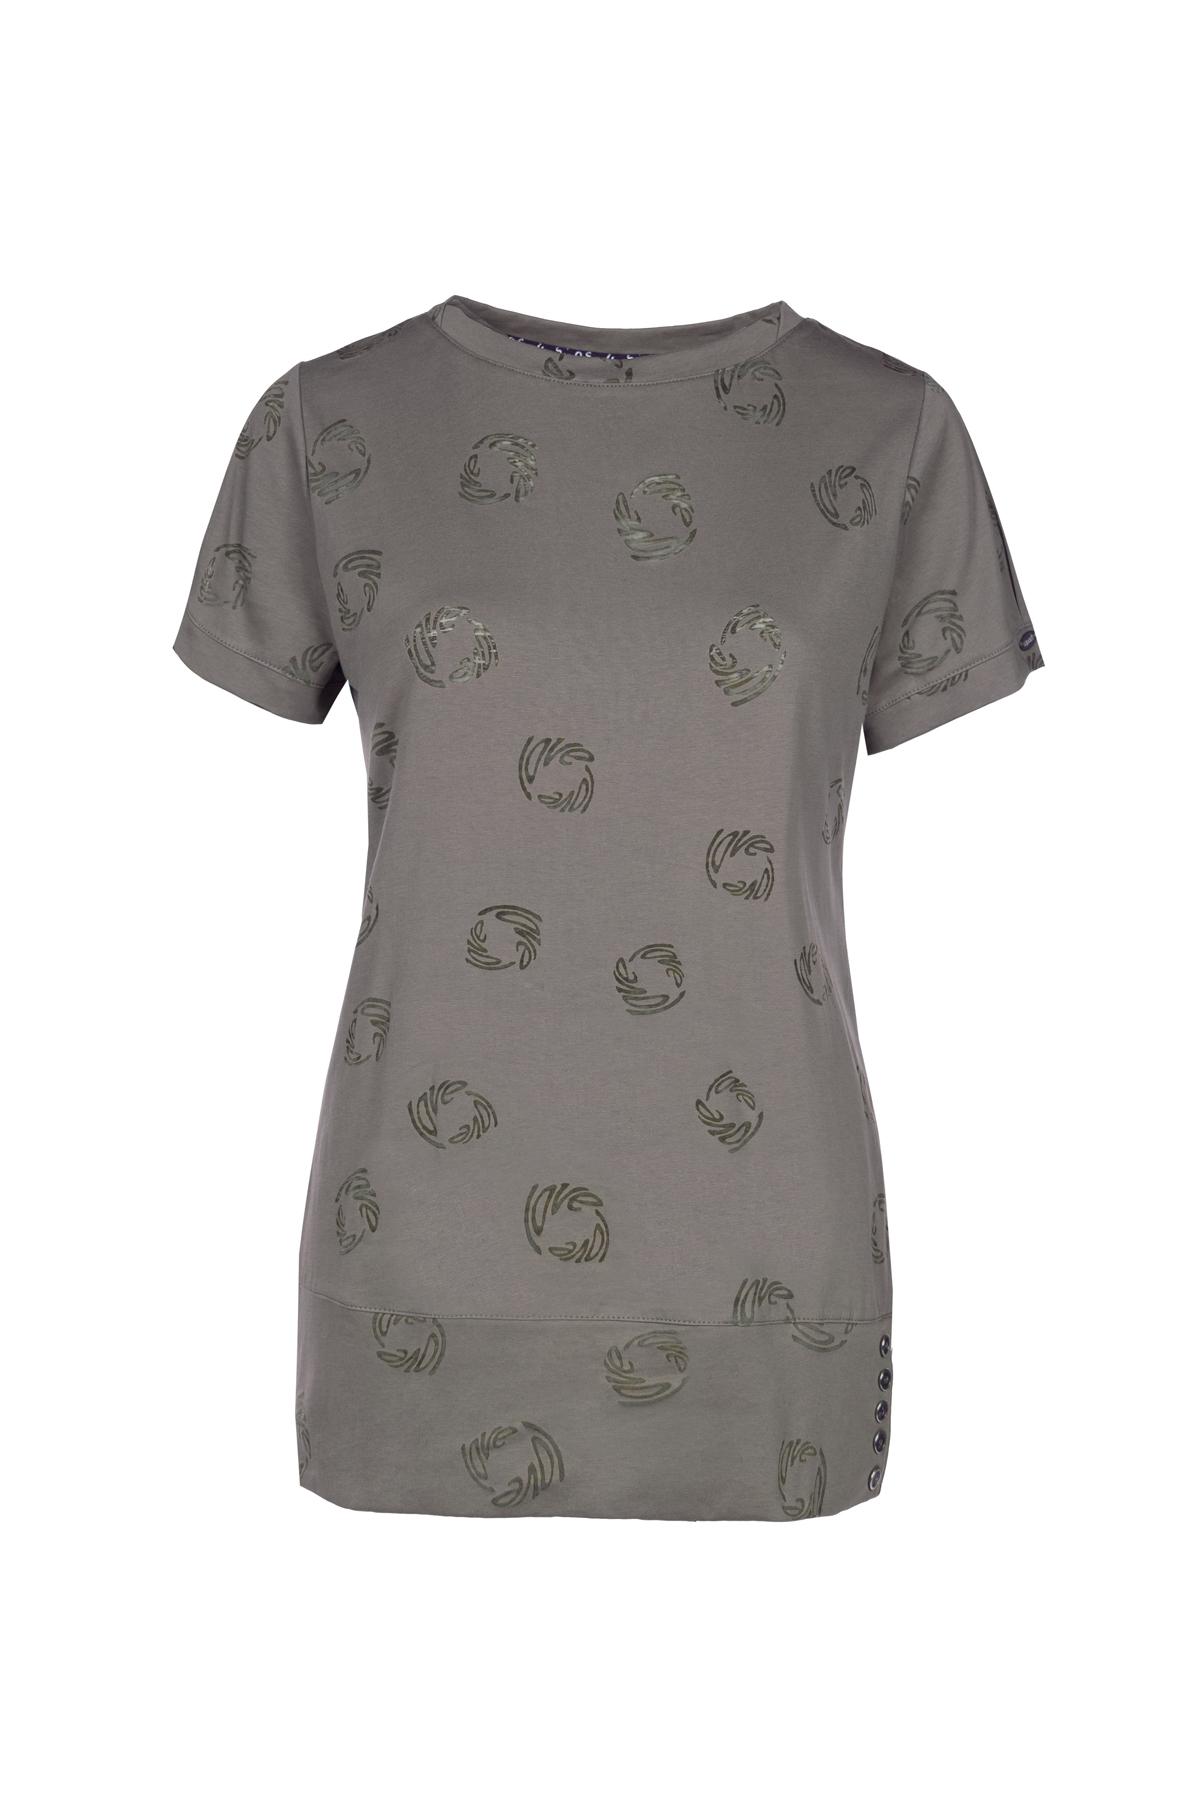 Soquesto Shirt Katy